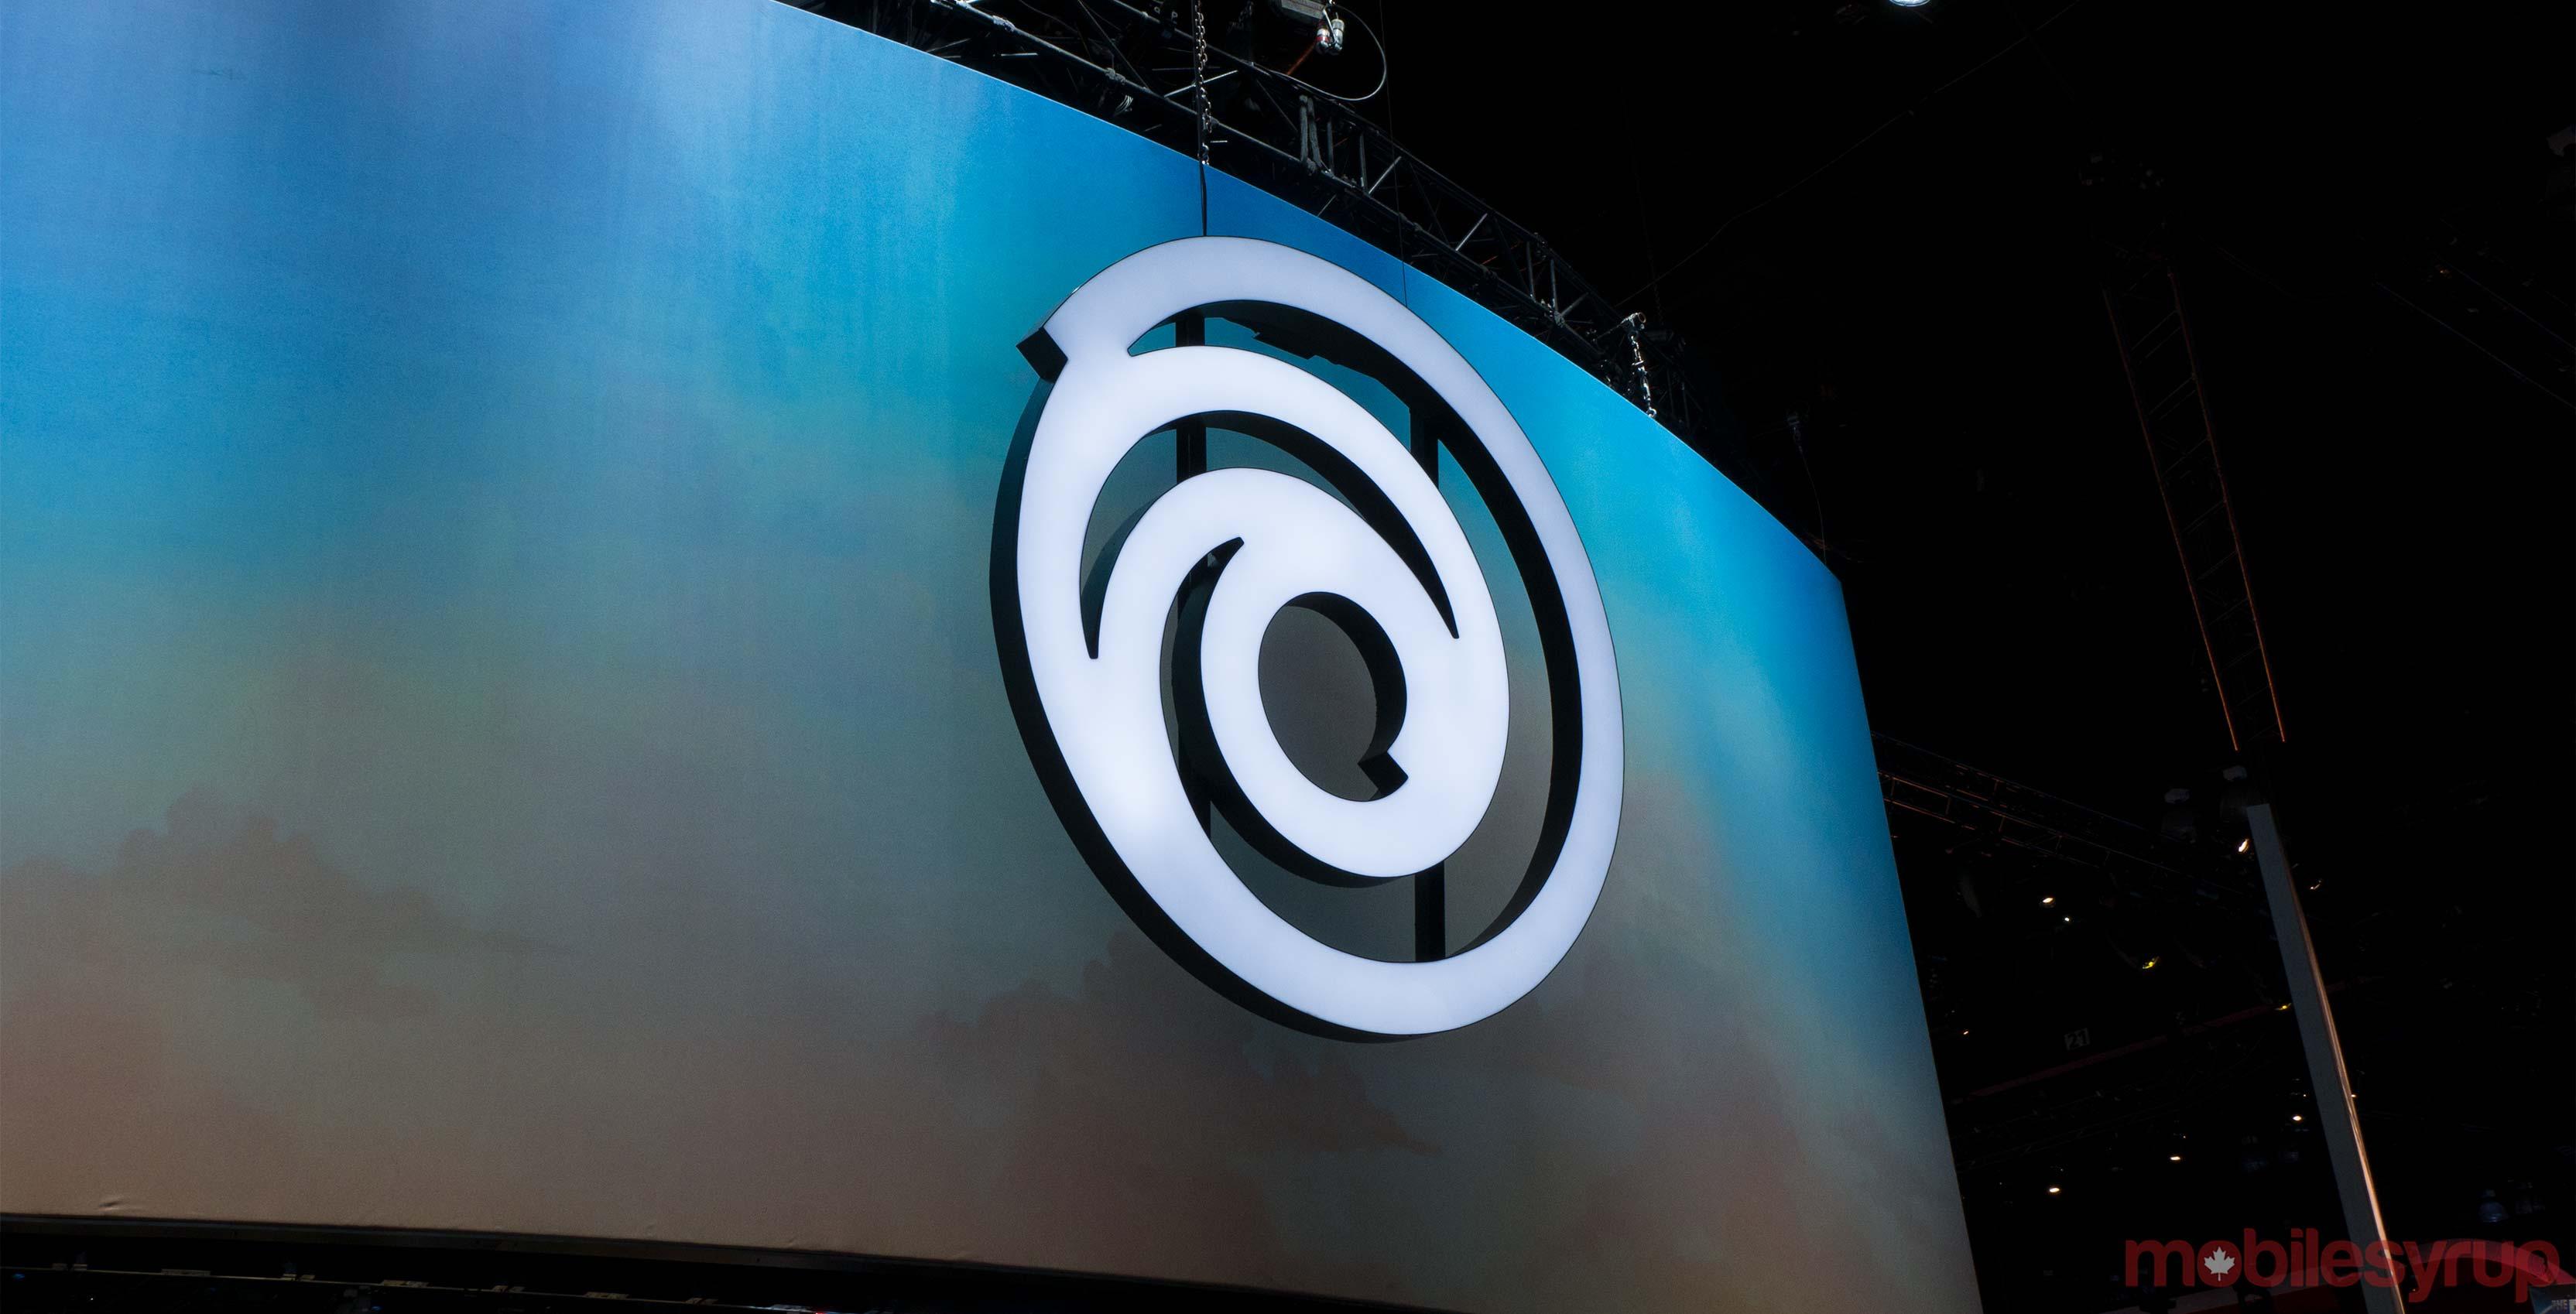 Ubisoft logo on wall